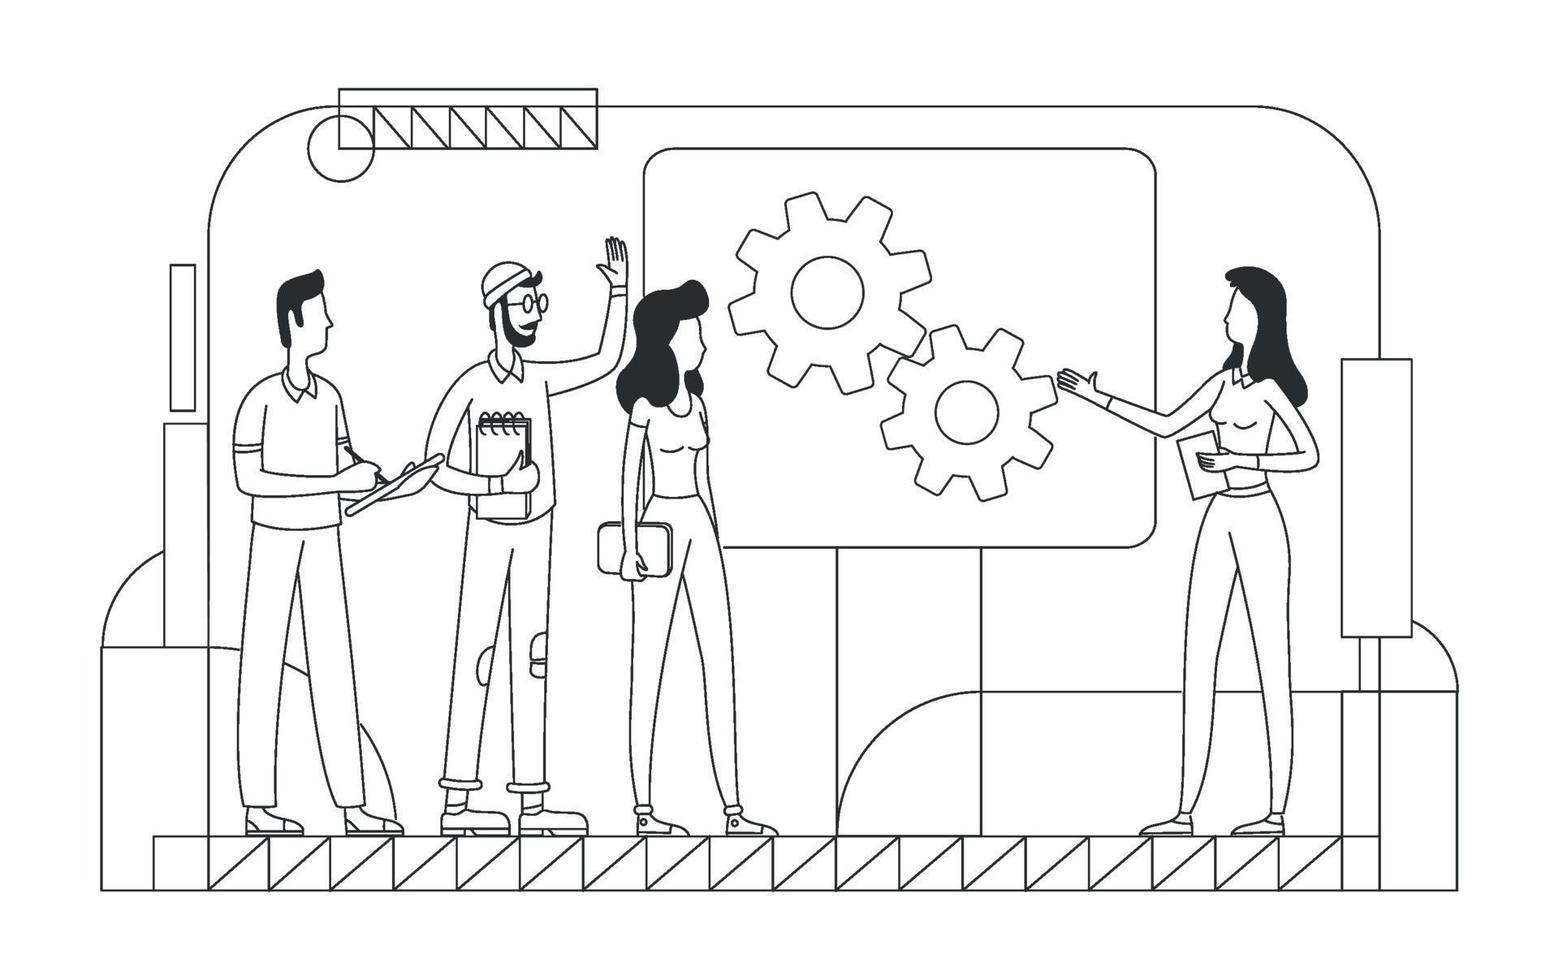 företags brainstorming tunn linje vektorillustration. professionella team disposition tecken på vit bakgrund. affärsprojektutveckling, idégenerering, lagarbete enkel stilritning vektor